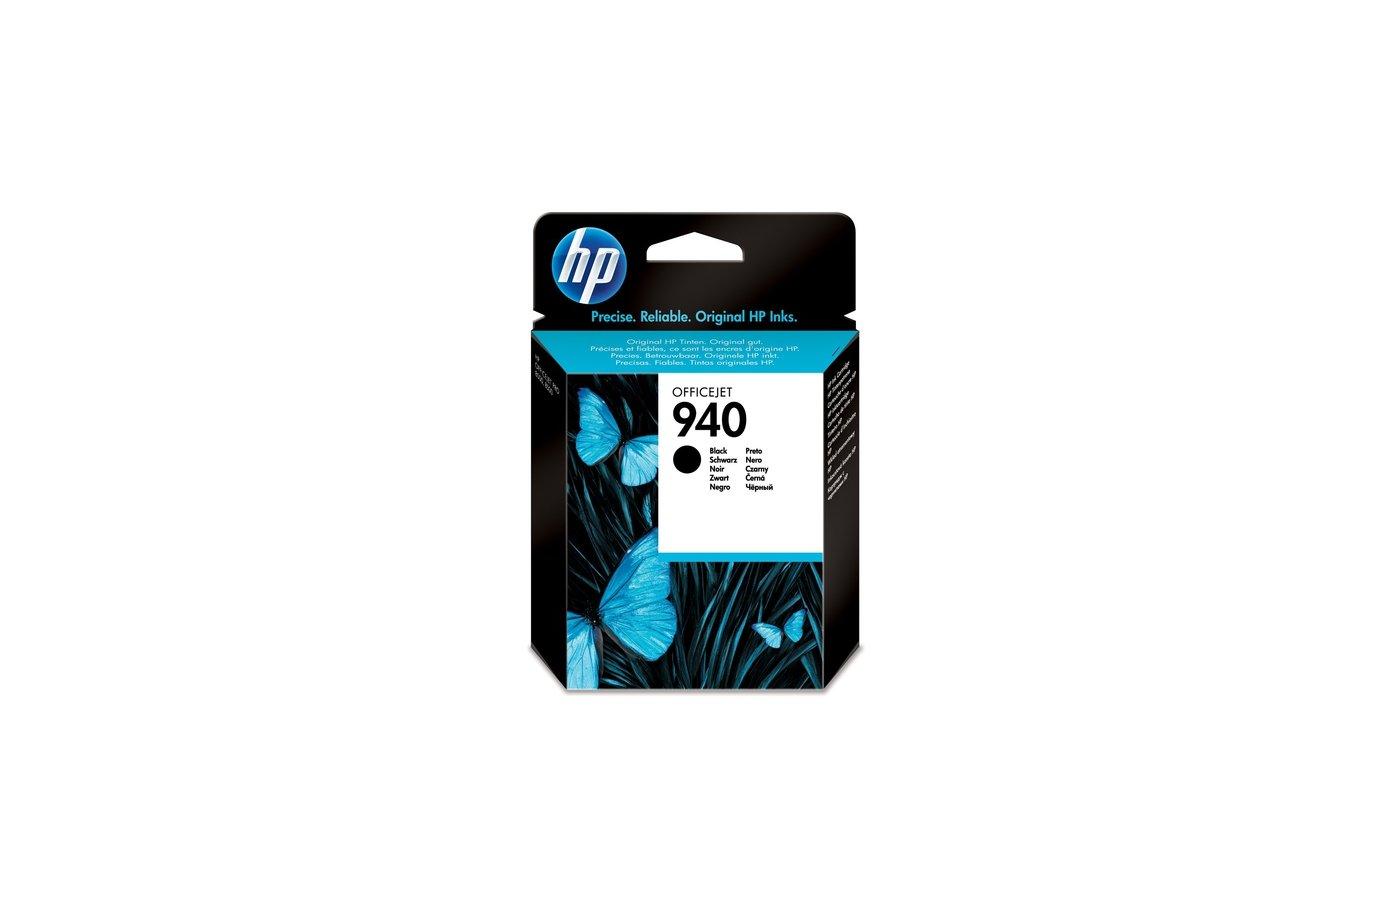 Картридж струйный HP 940 C4902AE черный для Officejet Pro 8000/8500